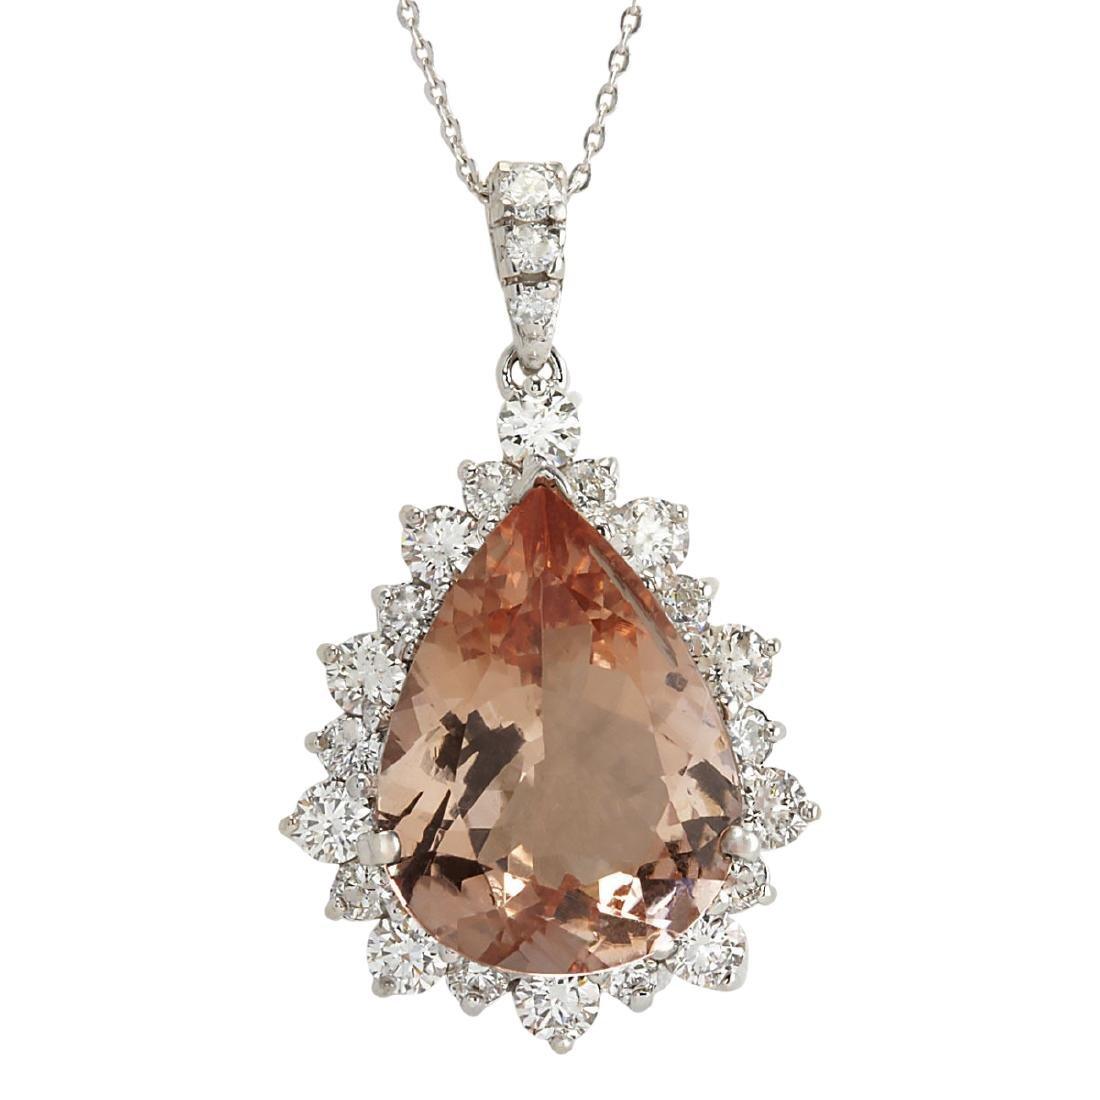 13.42 CTW Natural Morganite And Diamond Pendant In 18K